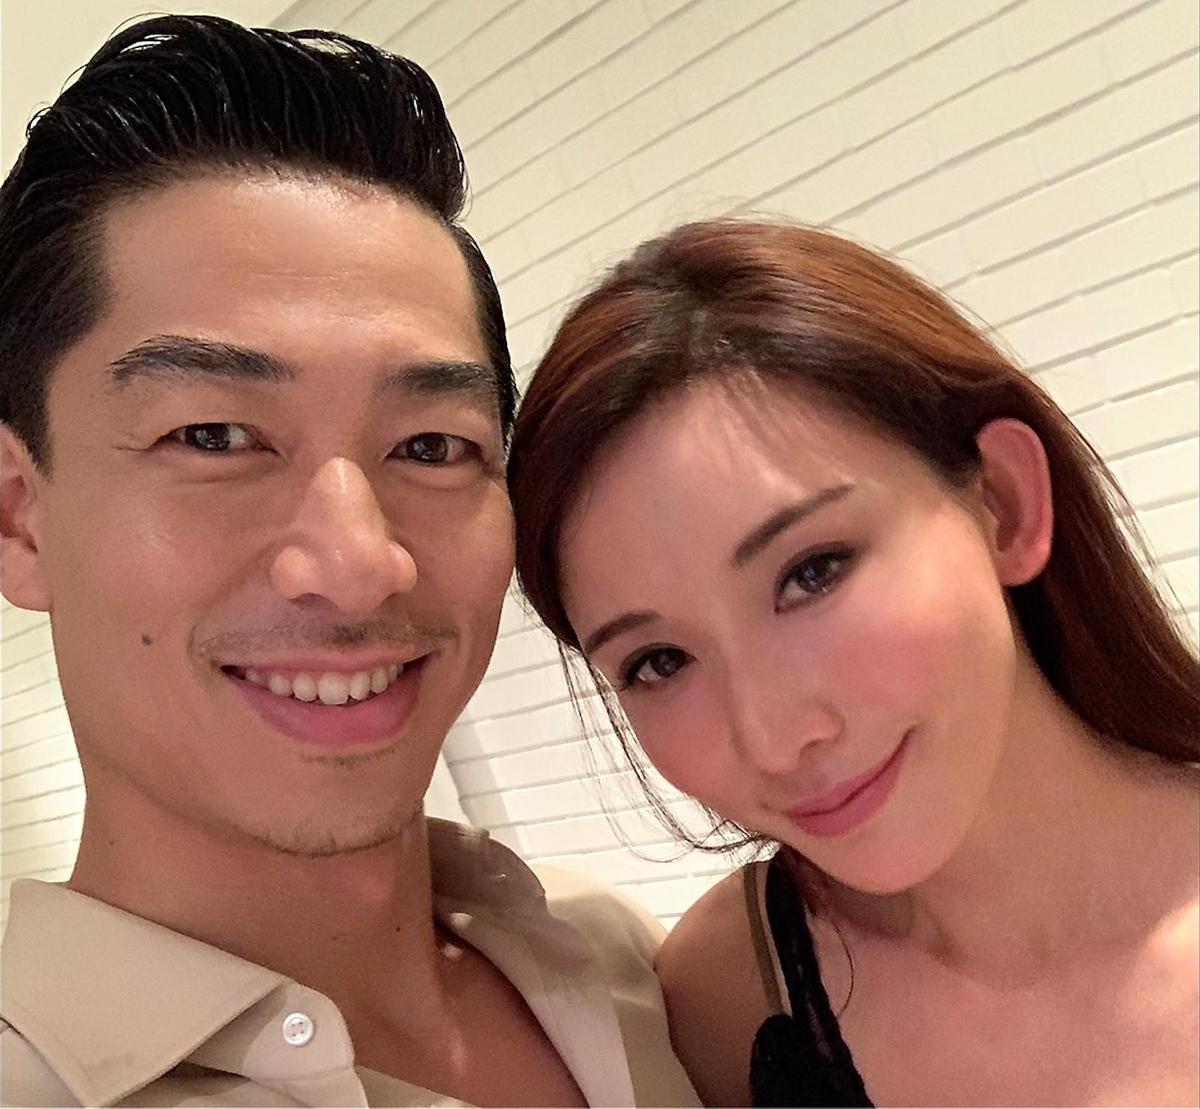 林志玲因為嫁給Akira,讓很多大陸網友抨擊媚日。(翻攝自AKIRA臉書)